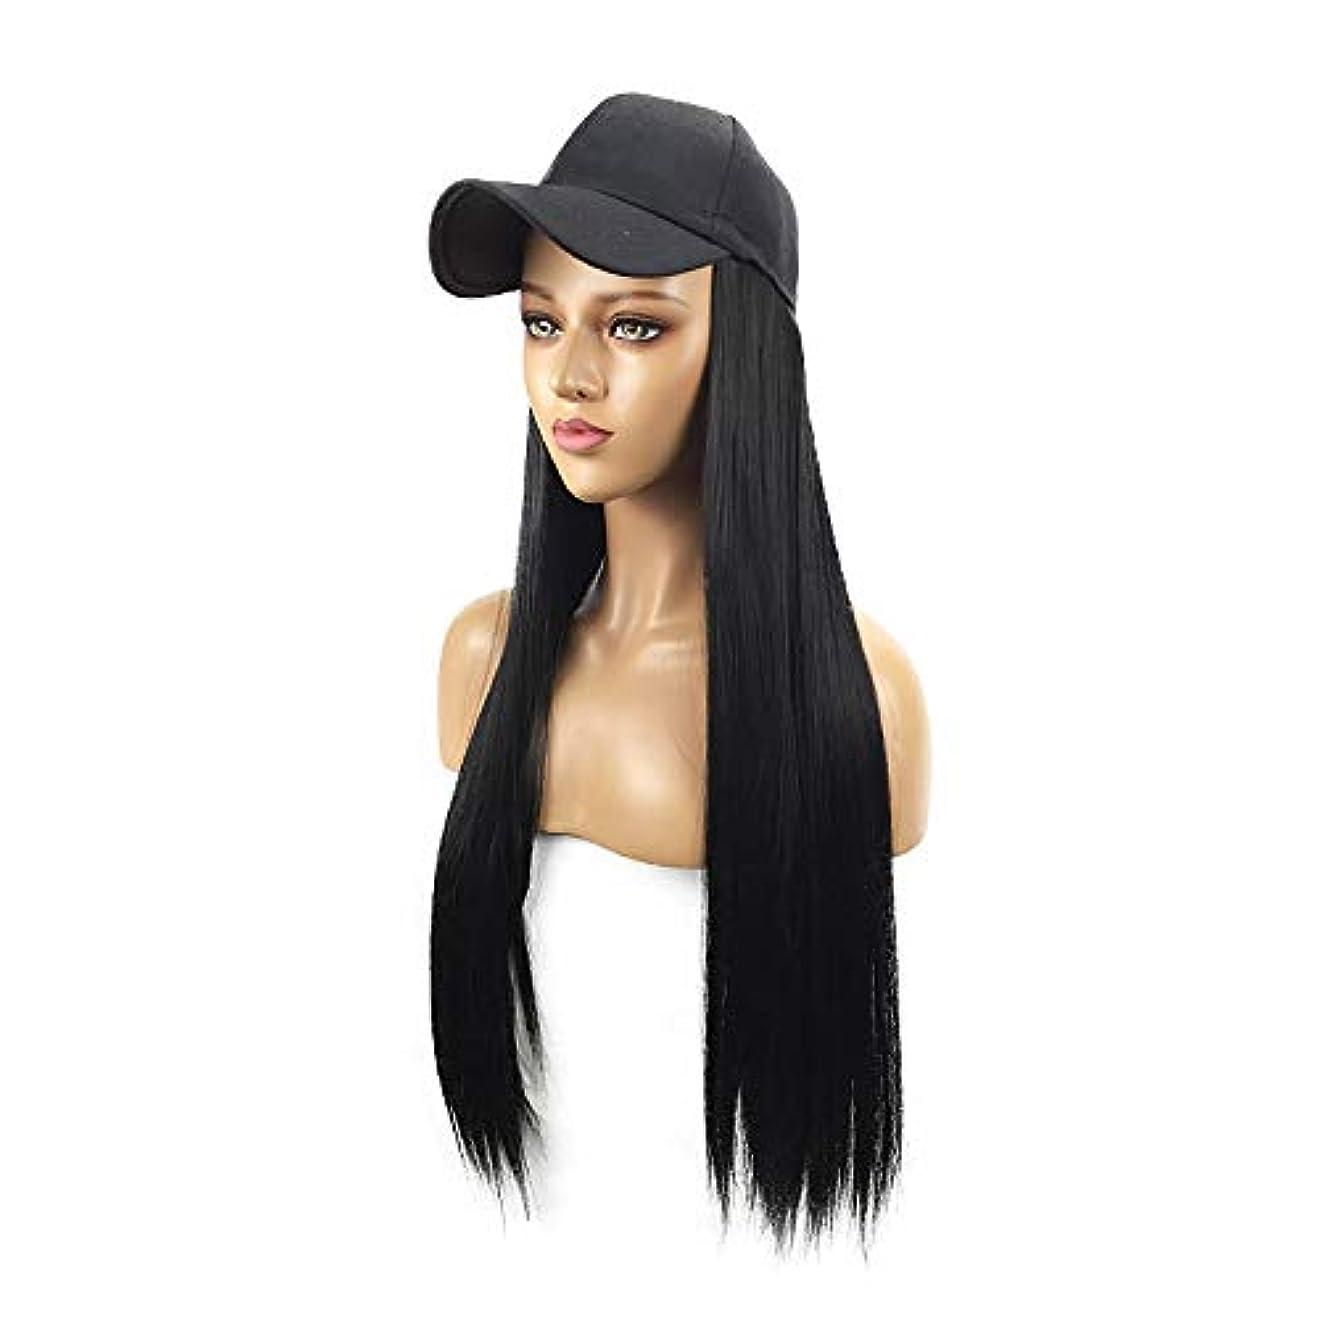 ペンダント消毒剤哺乳類HAILAN HOME-かつら ストリートファッションの女性ウィッグハットワンピース帽子ウィッグ先見の明真の髪の帽子62センチメートルブラックワンピース取り外し可能